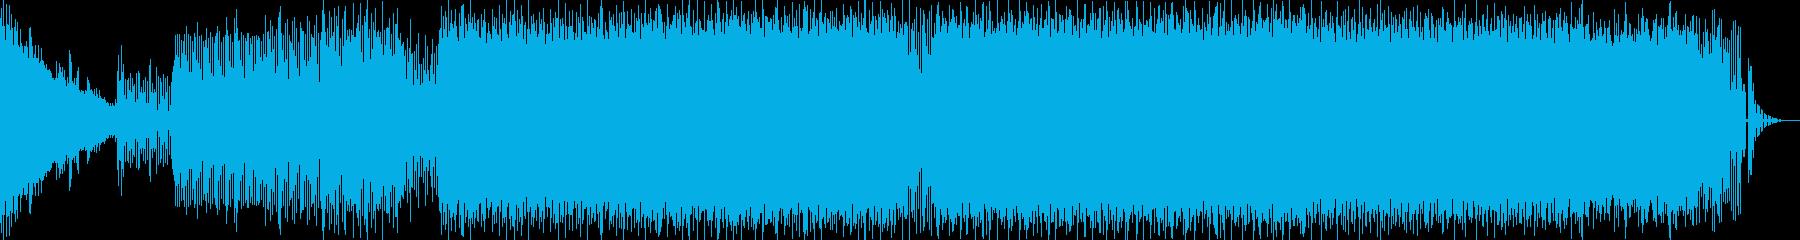 Molly tripなプログレサイケの再生済みの波形